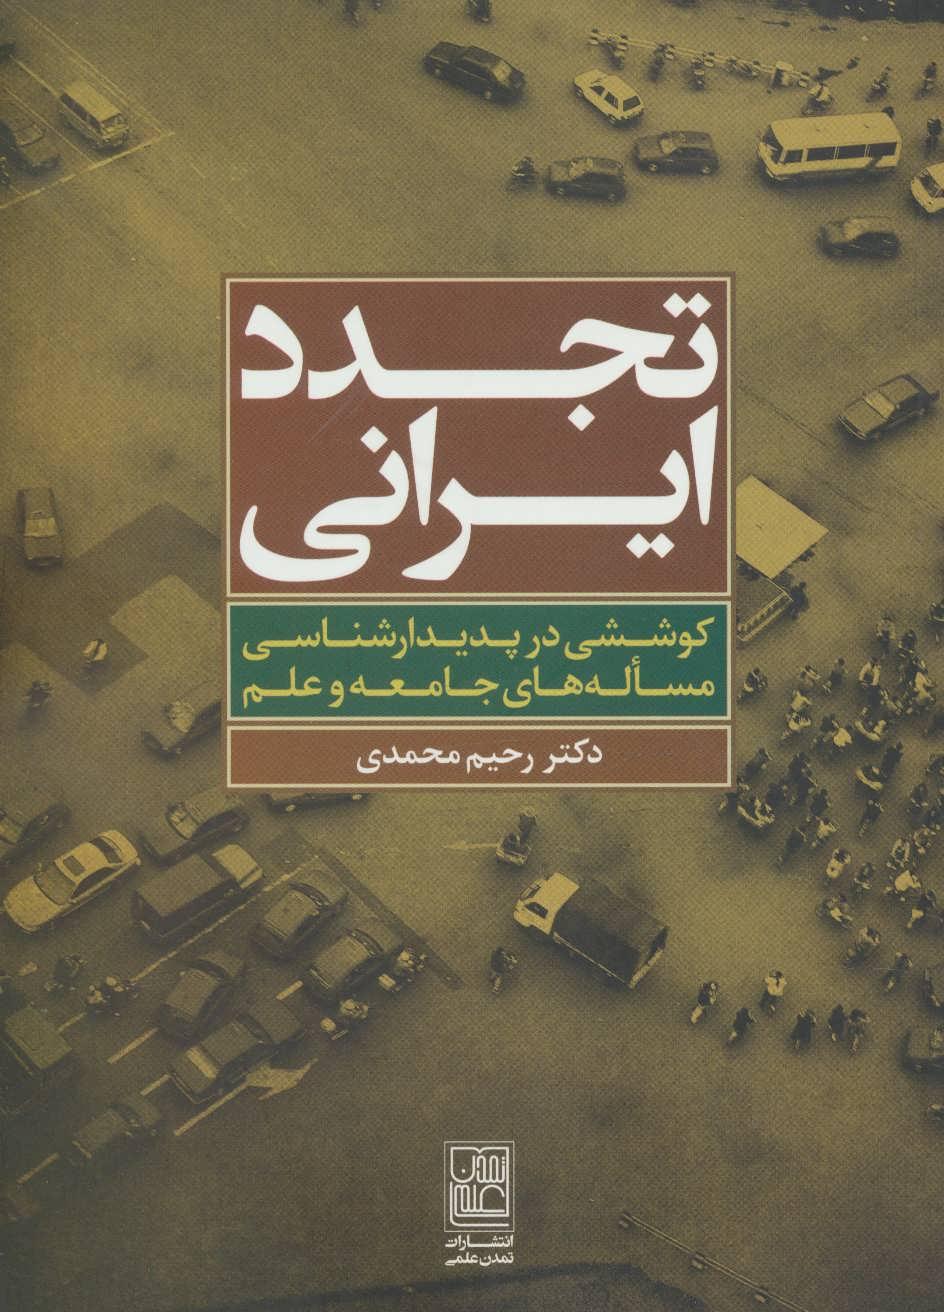 کتاب تجدد ایرانی: کوششی در پدیدارشناسی مسالههای جامعه و علم